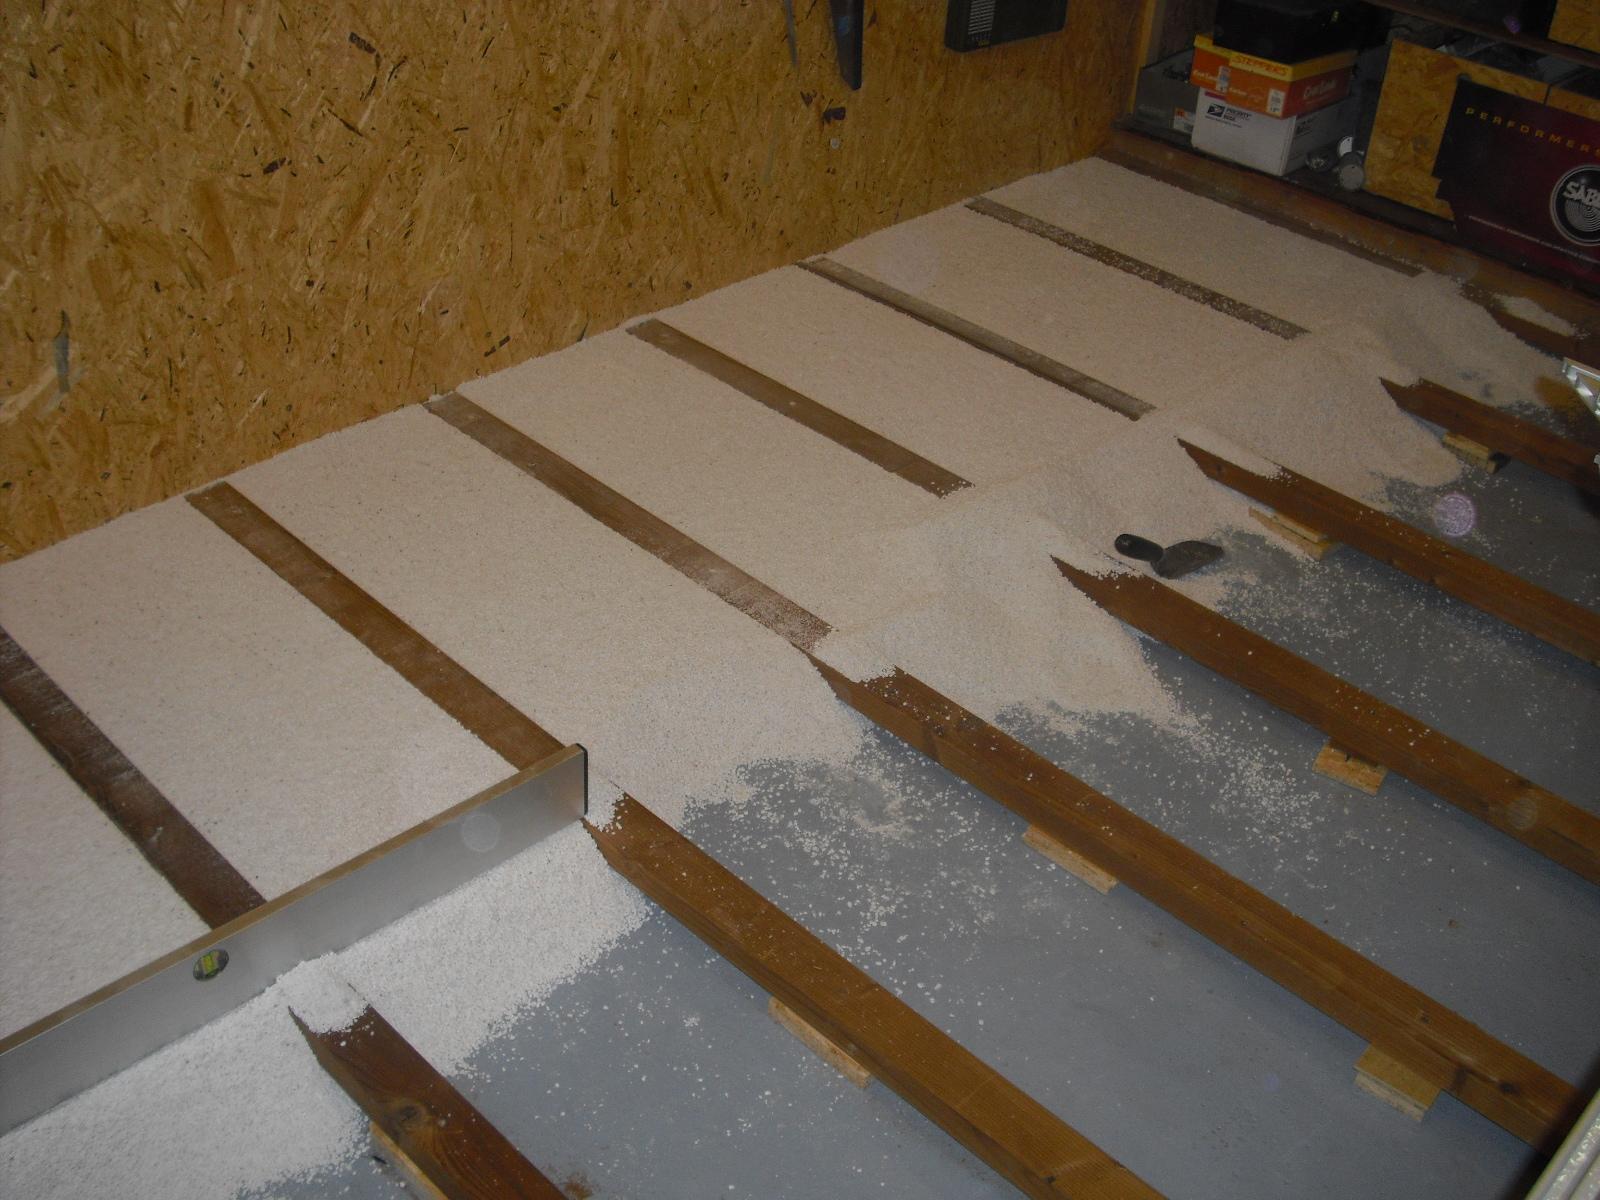 Fußboden Verlegen Osb ~ Teppich auf osb verlegen laminat auf hochflor teppich verlegen